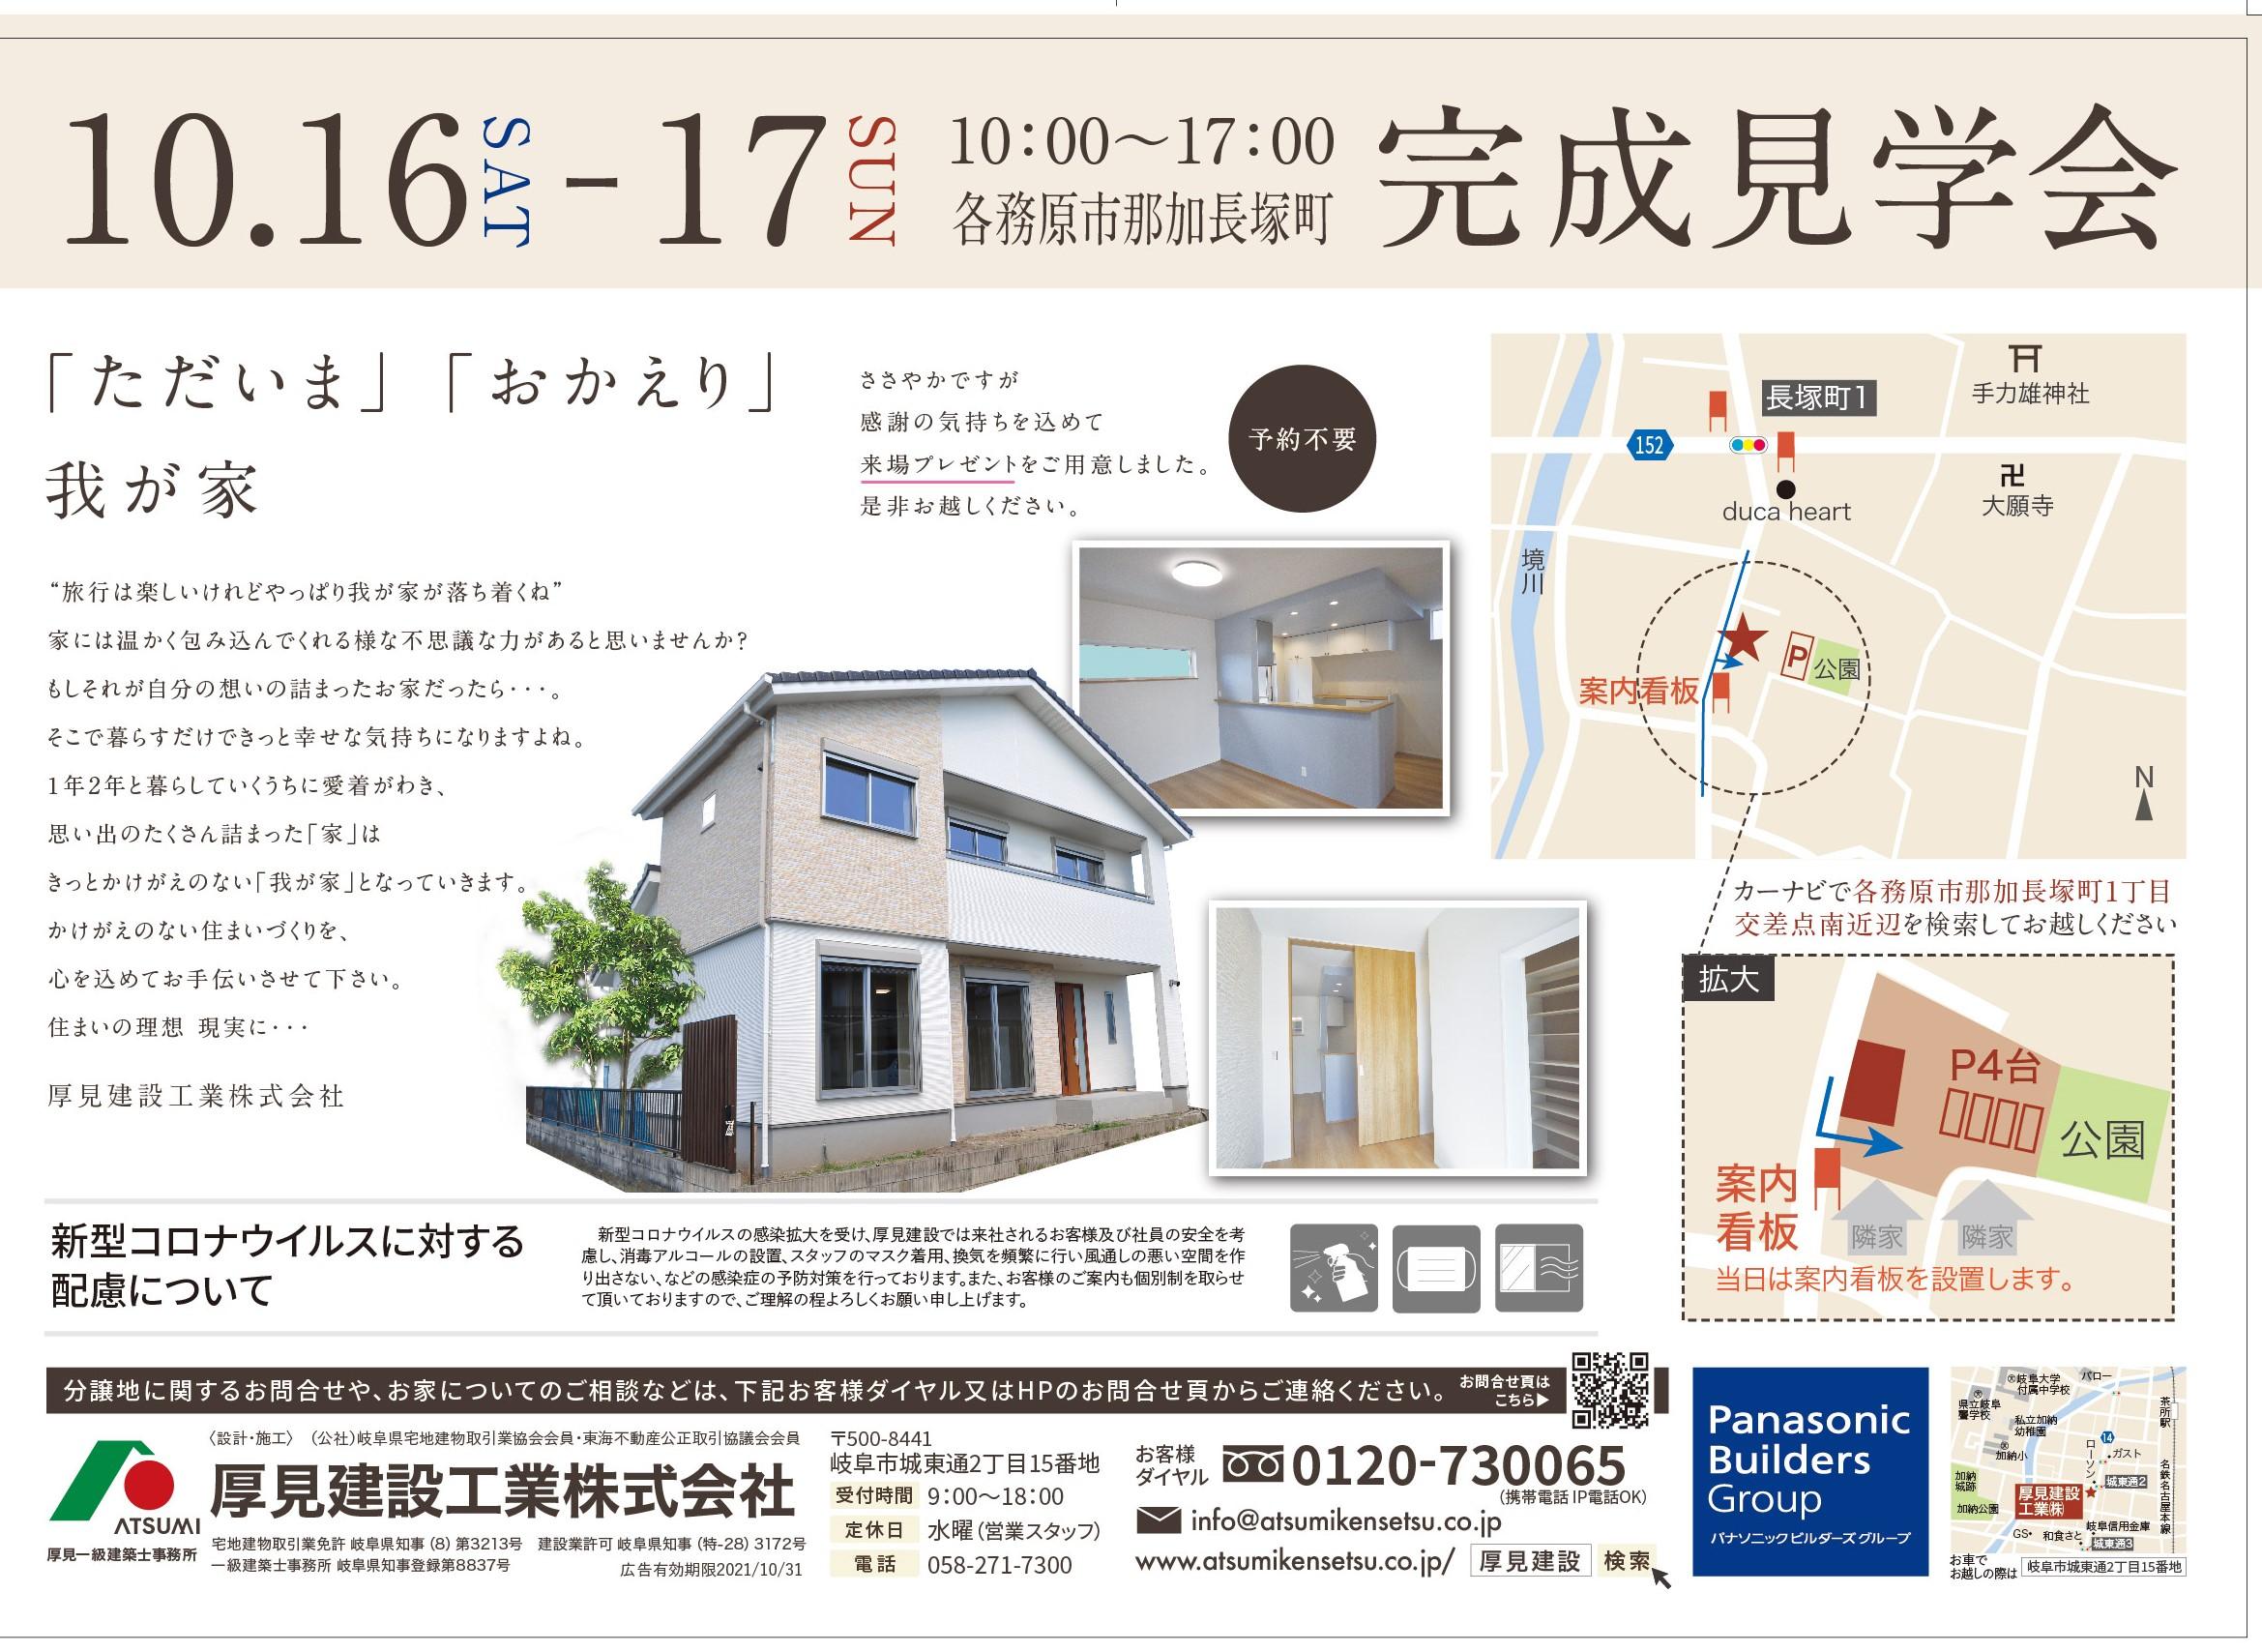 10月16日17日の完成見学会のお知らせ!